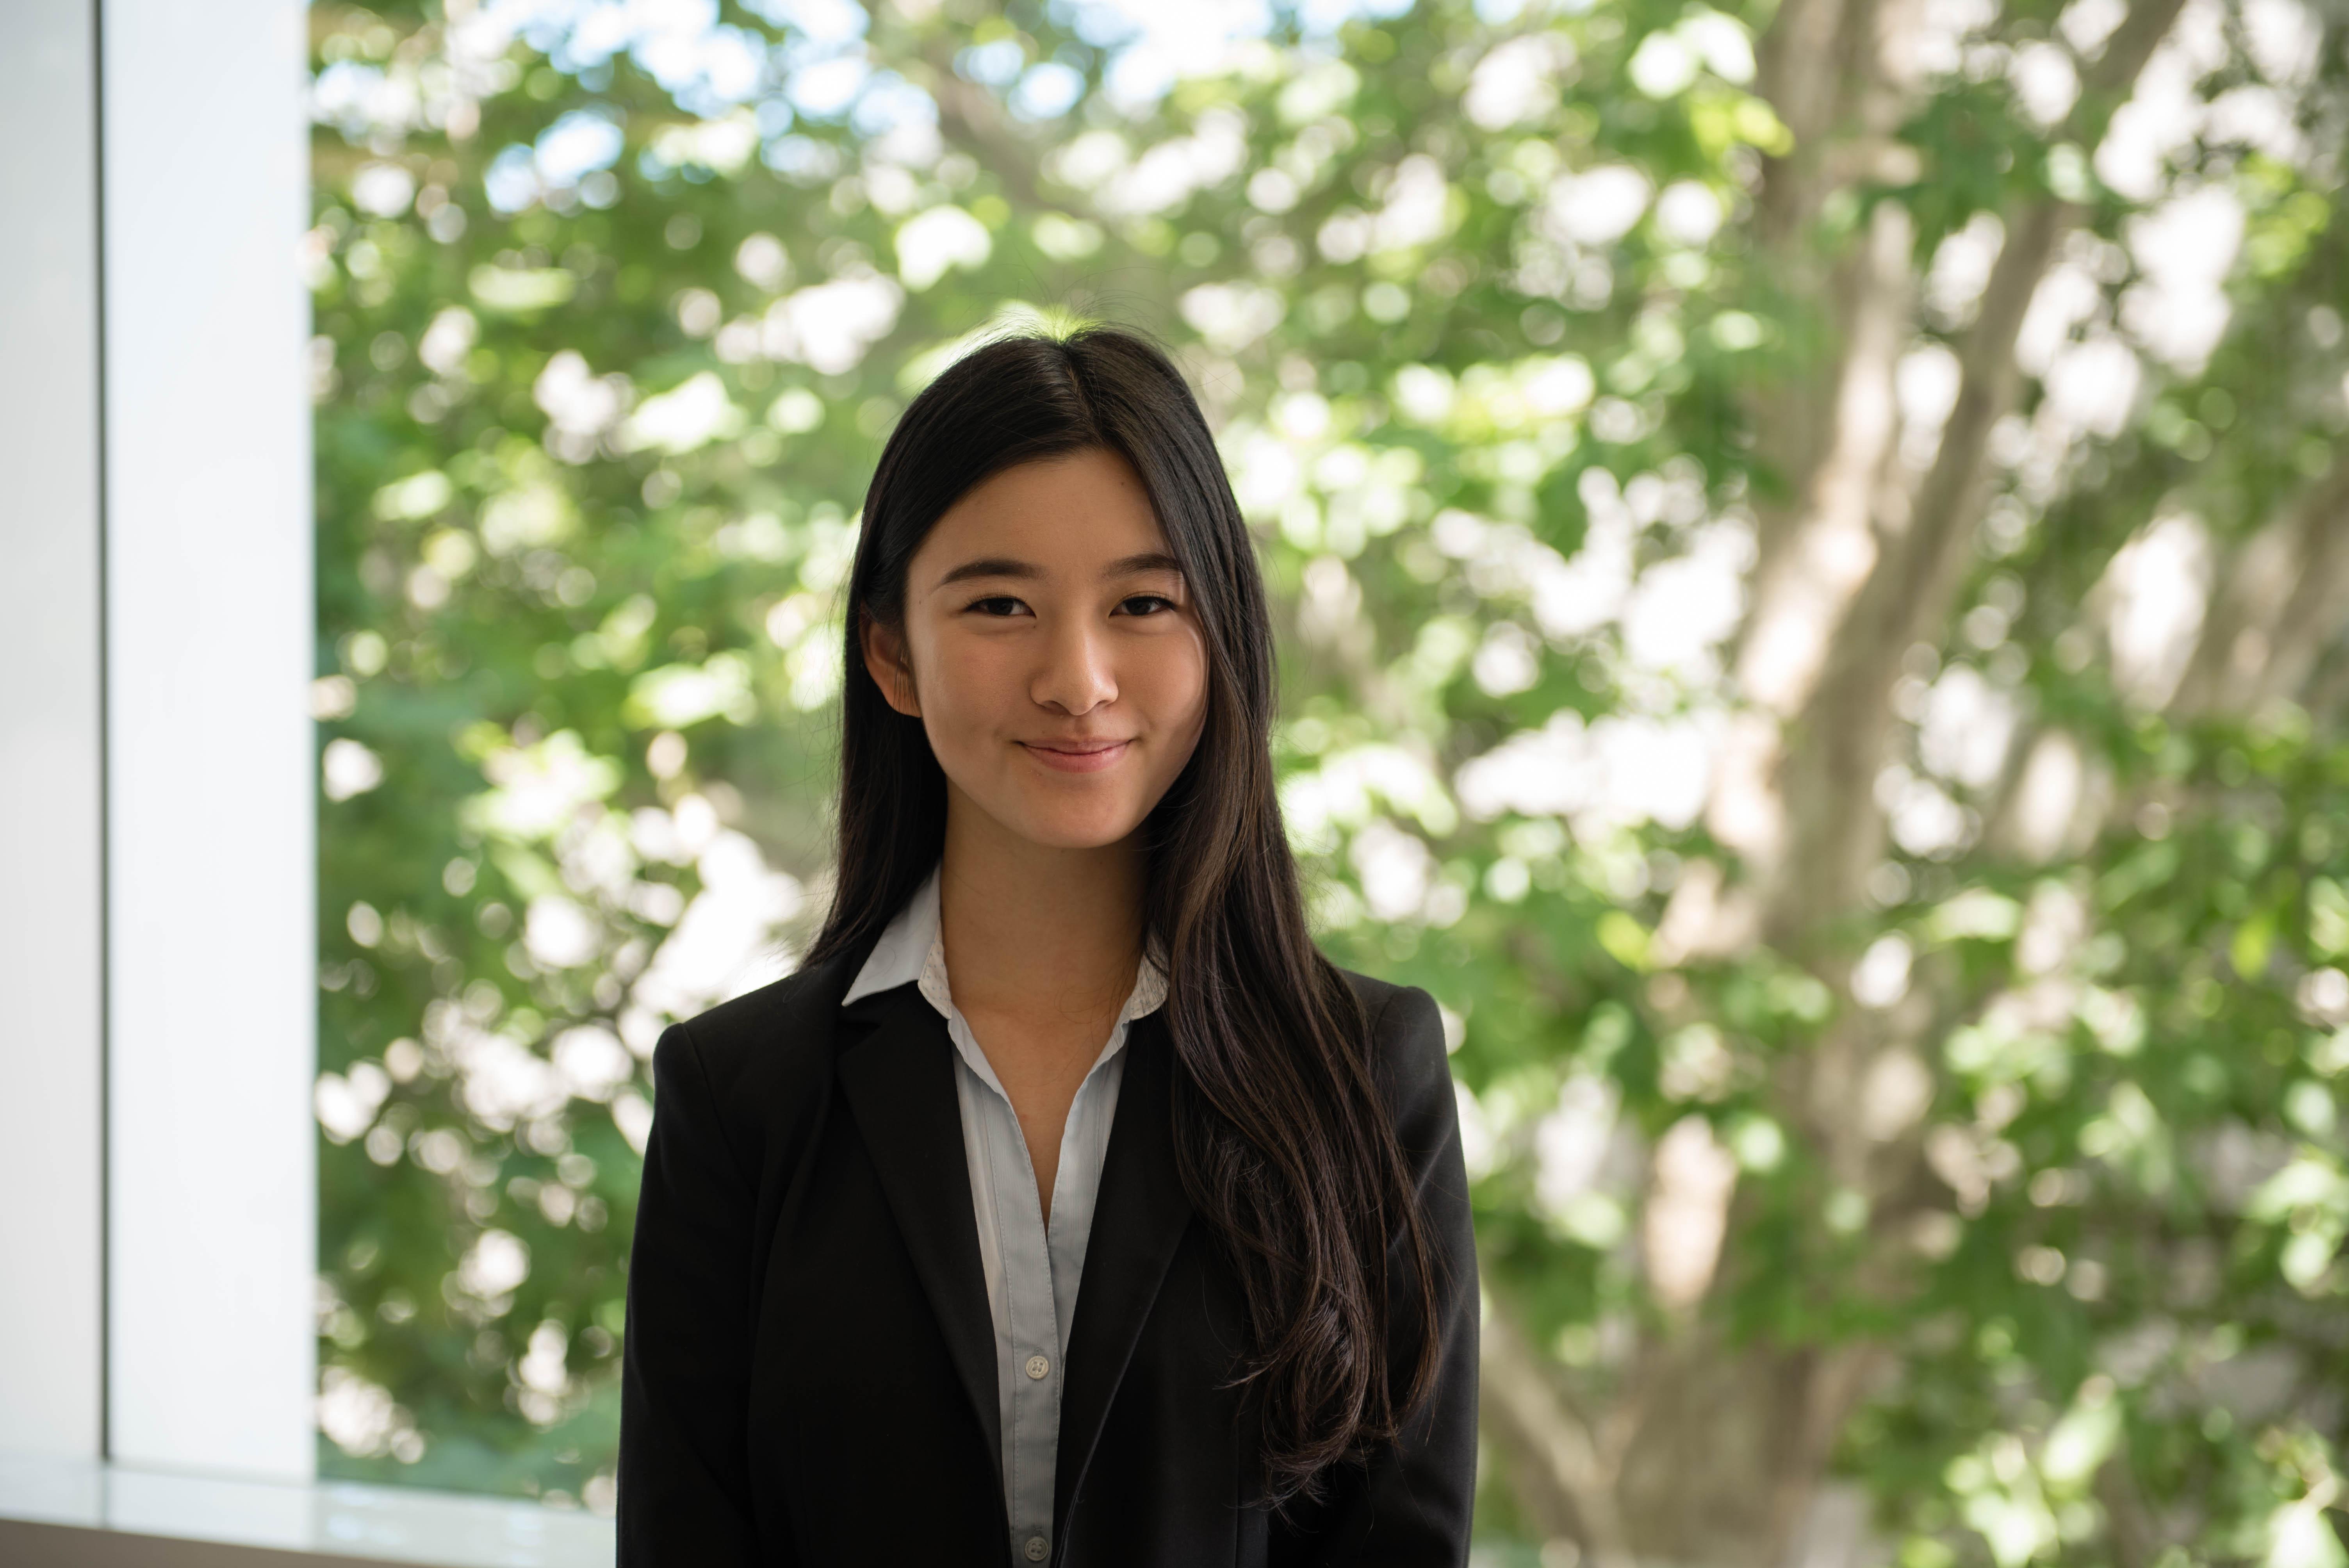 Jessica Sun